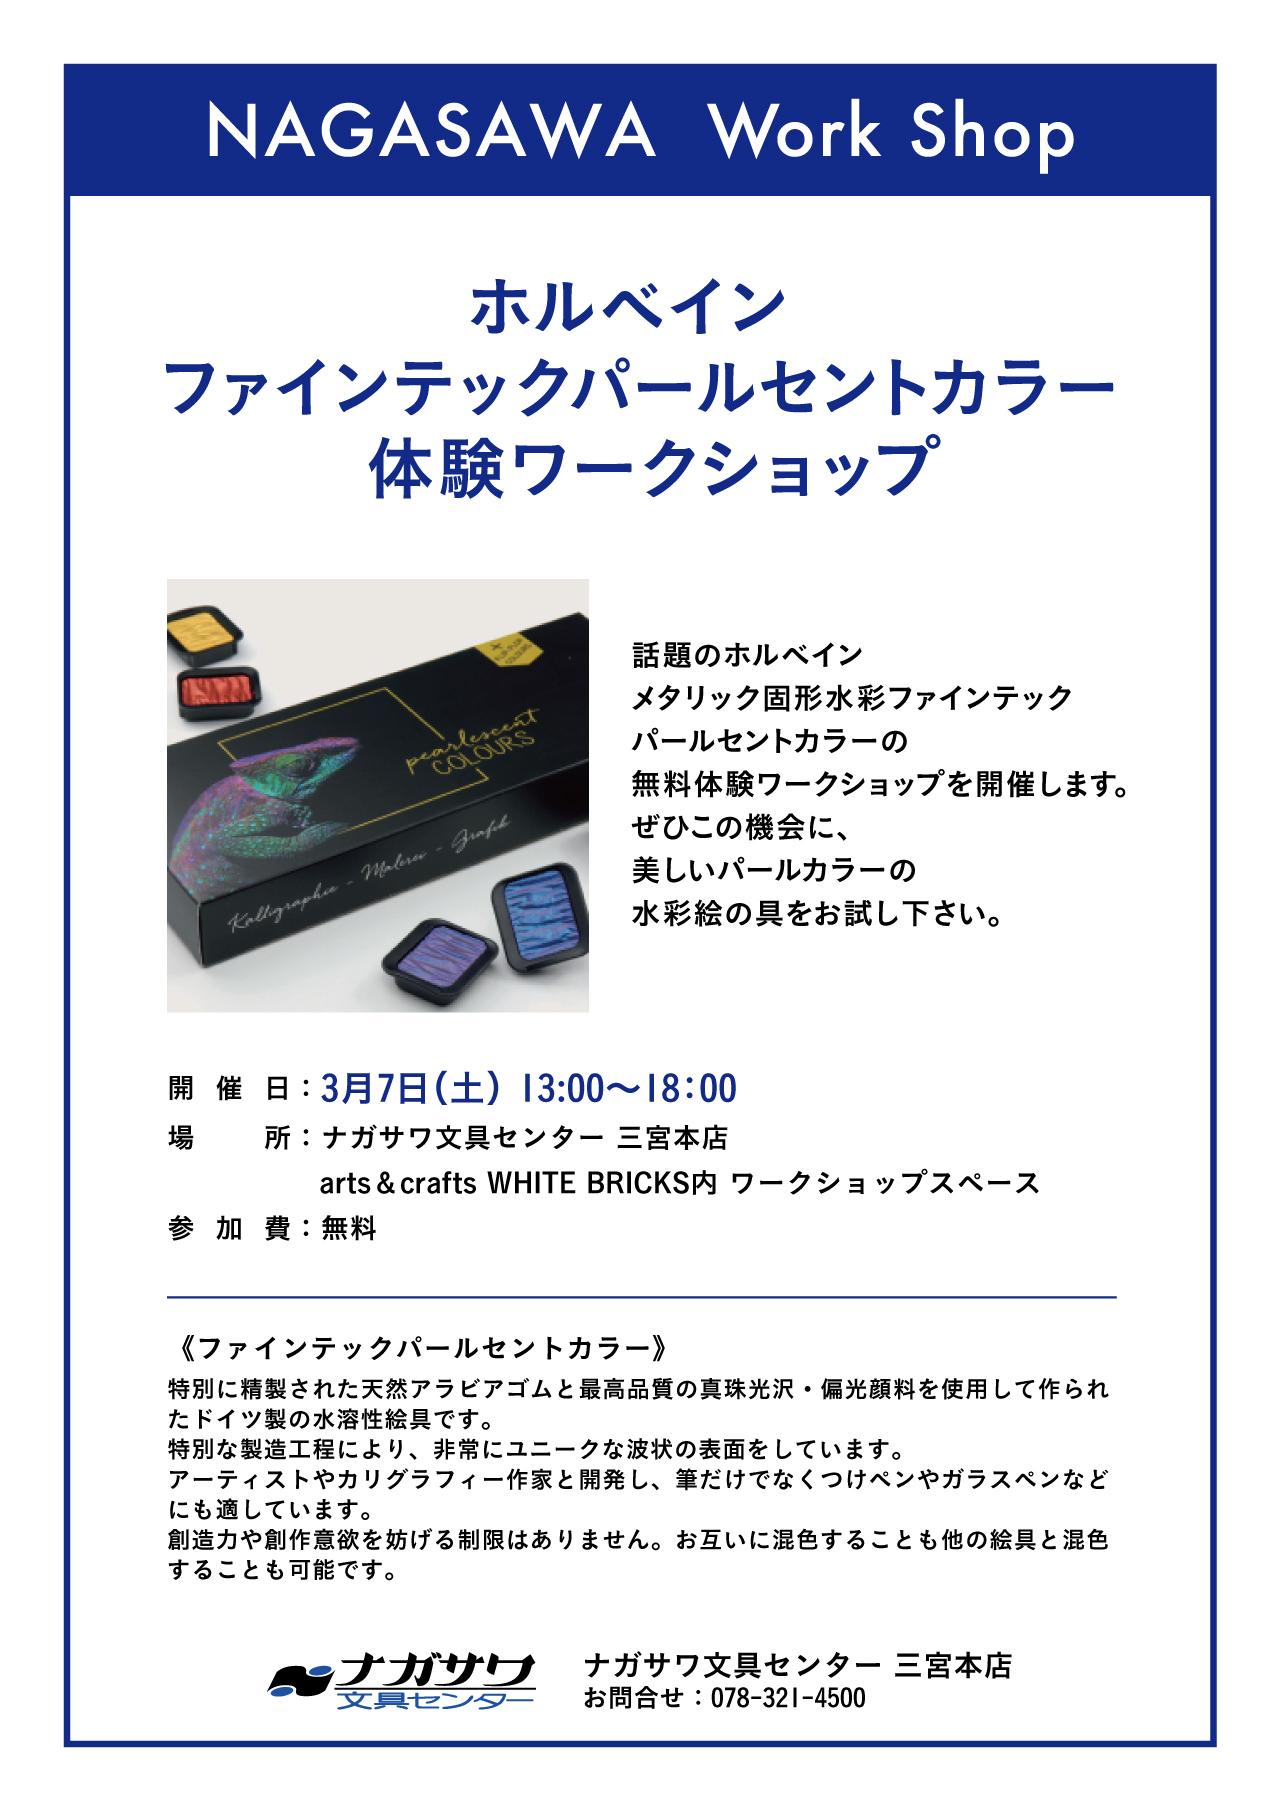 【本店】ホルベイン パールセントカラー (メタリック固形水彩)を使ってみよう!無料体験会開催